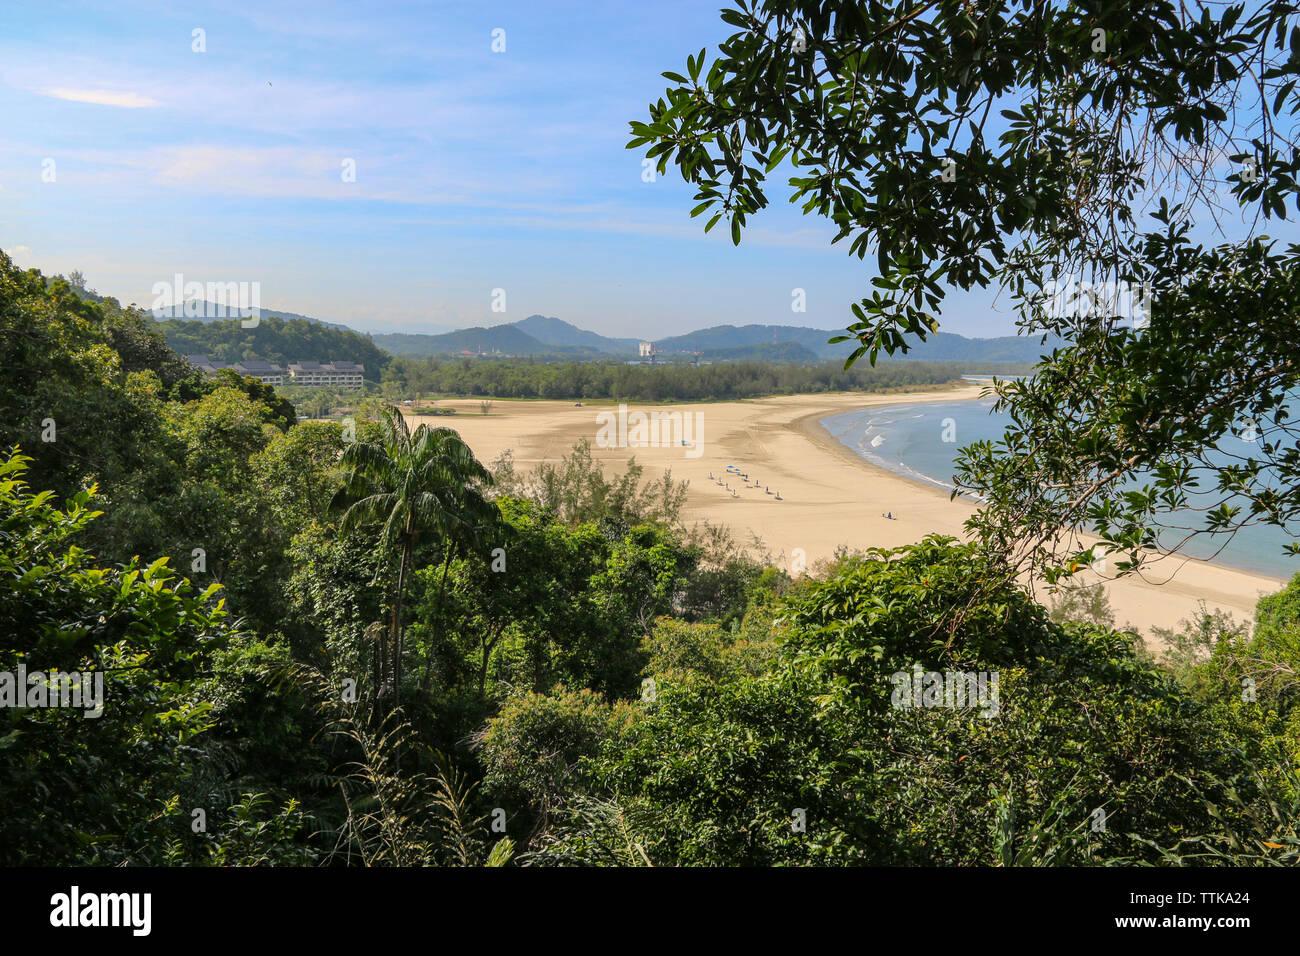 Beautiful deserted beach at Rasa Ria, Kota Kinabalu, Sabah, Malaysia - Stock Image